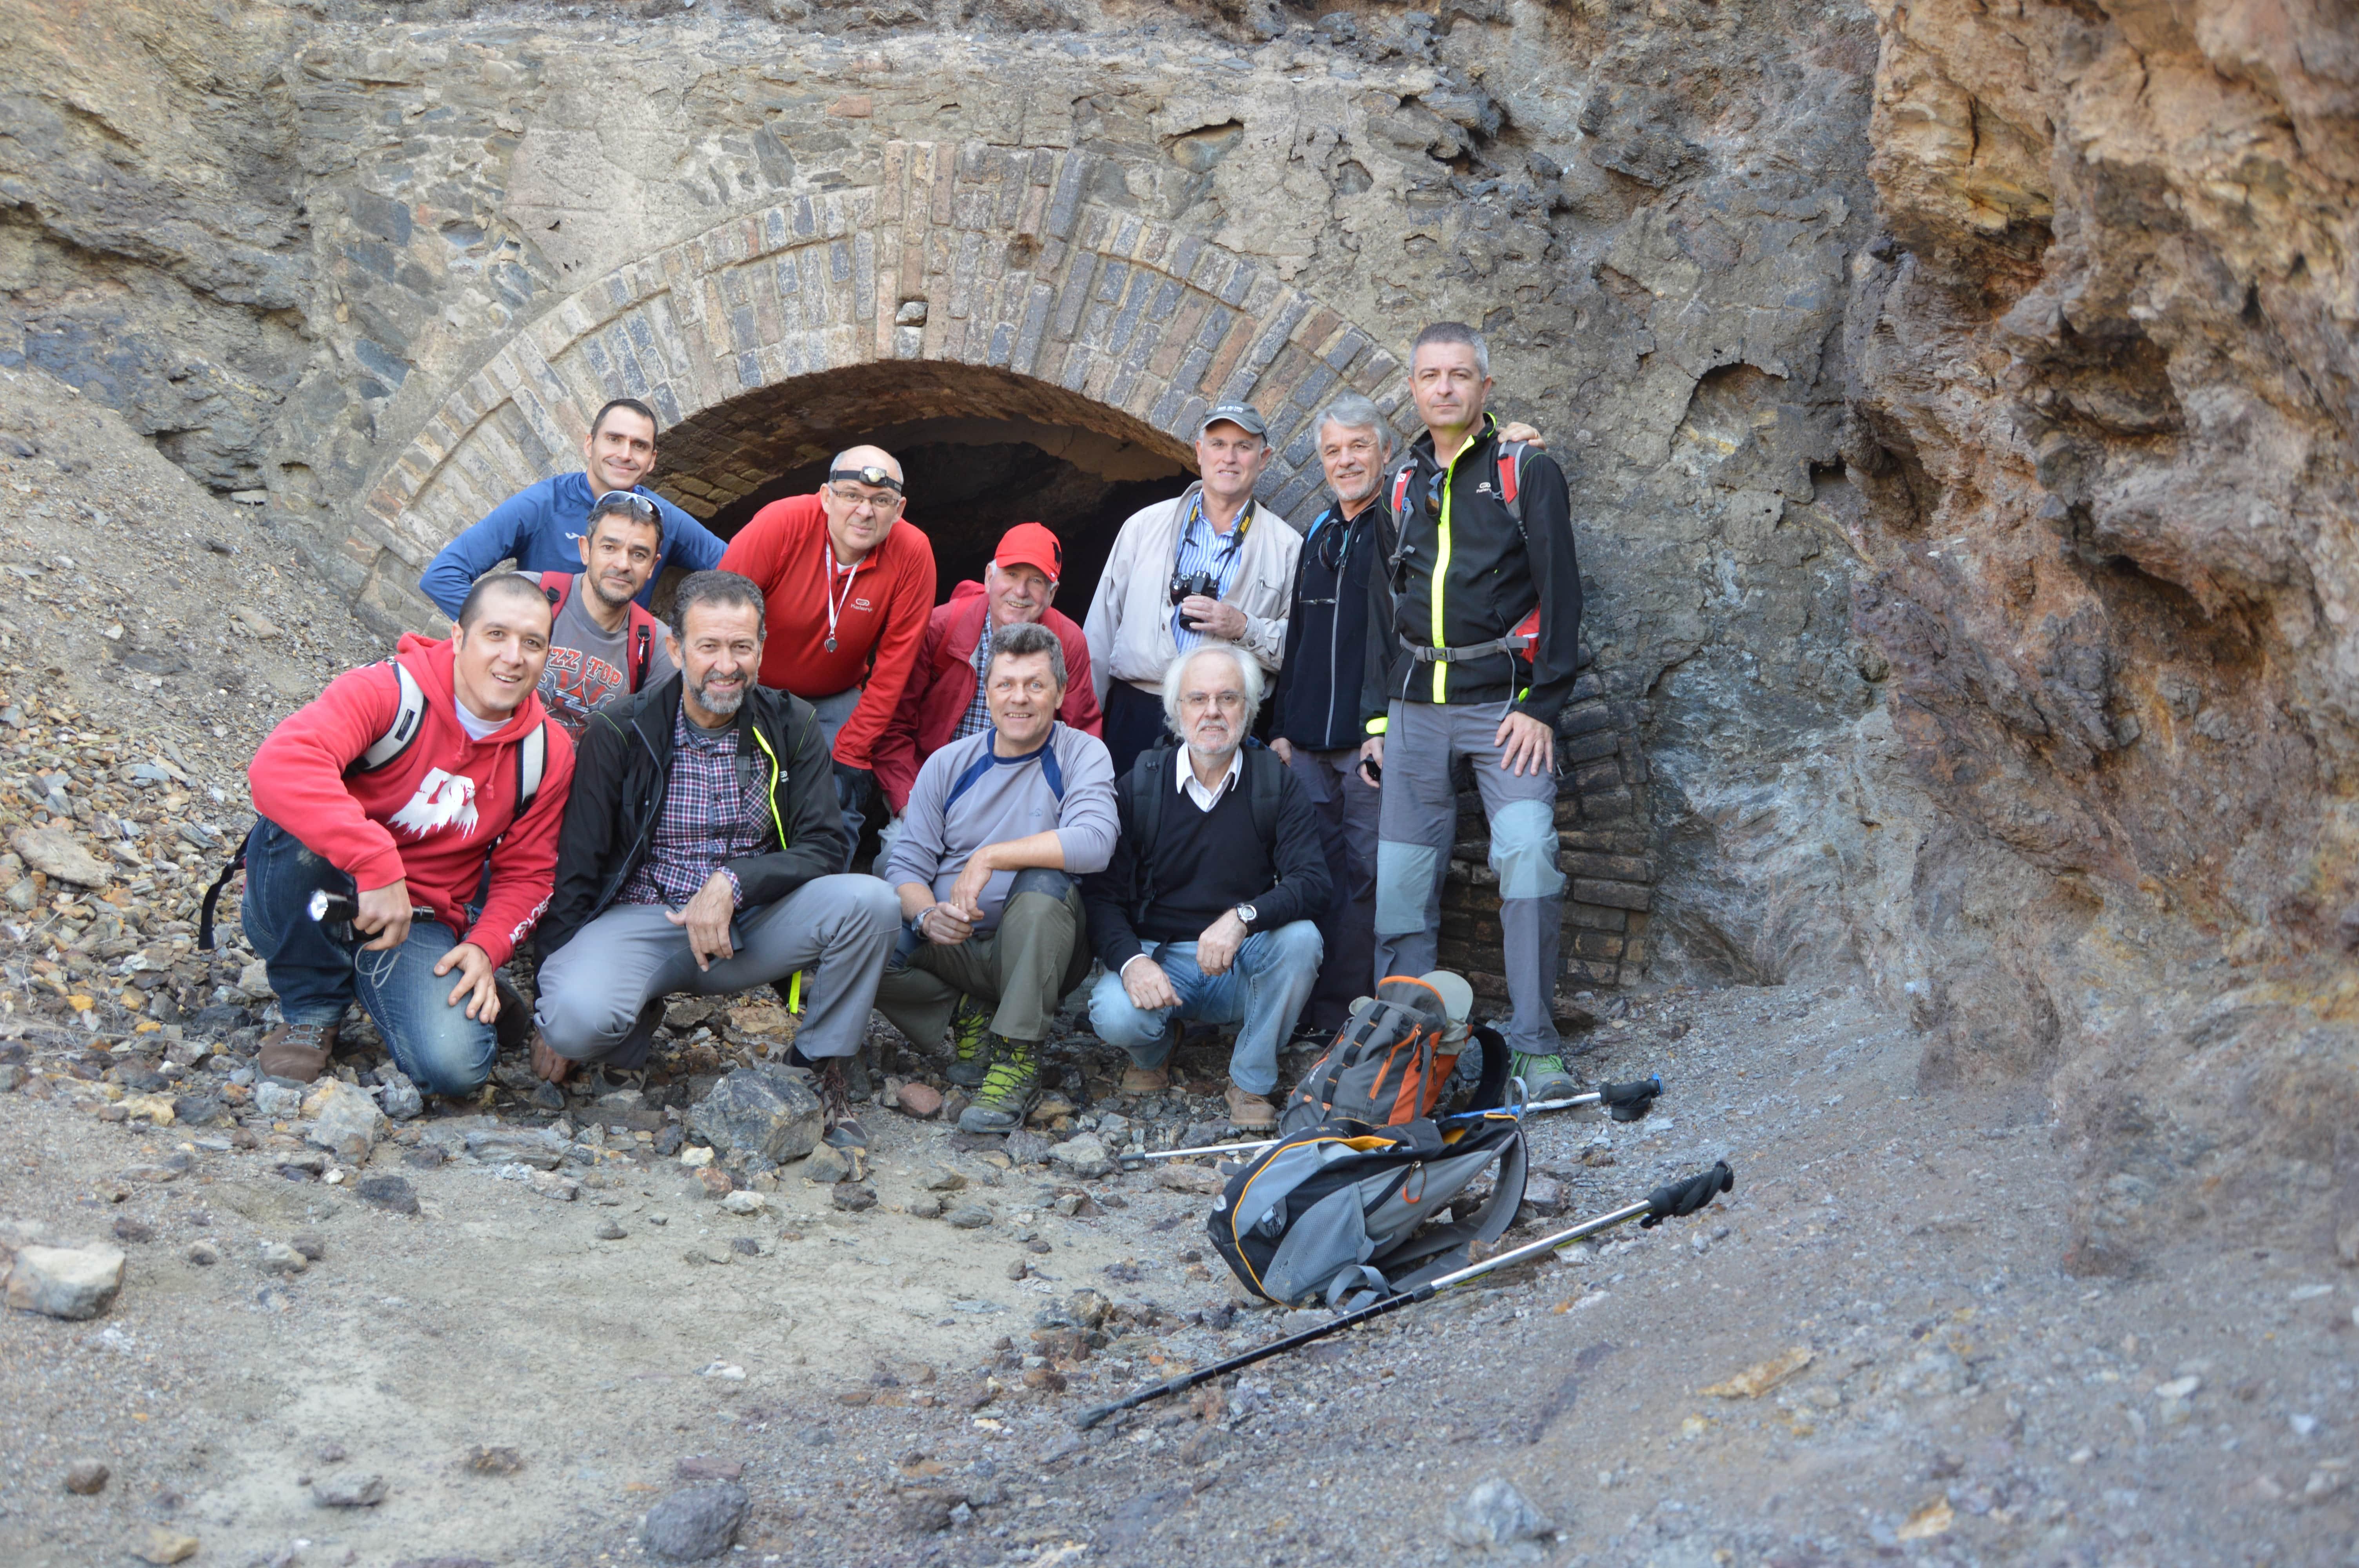 boca-norte-tunel-fc-cala-conchas